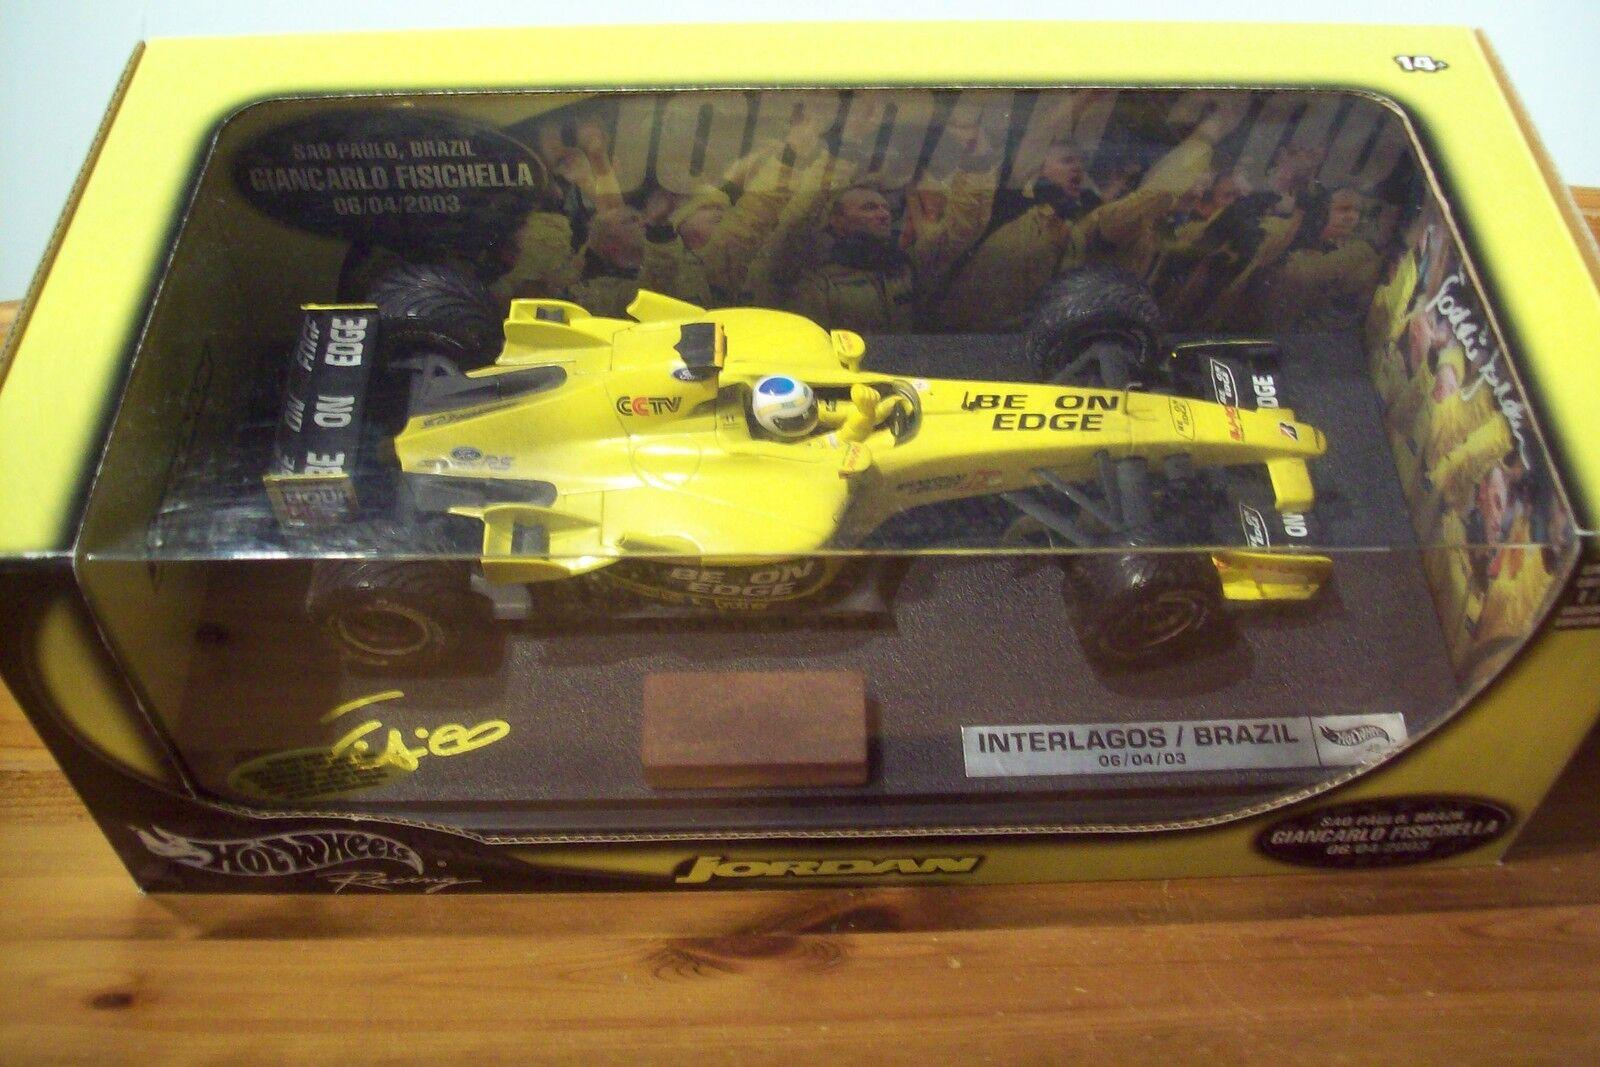 1 18 Mattel JORDAN FORD EJ13 Giancarlo FISICHELLA 2003 1st Win Brazil GP